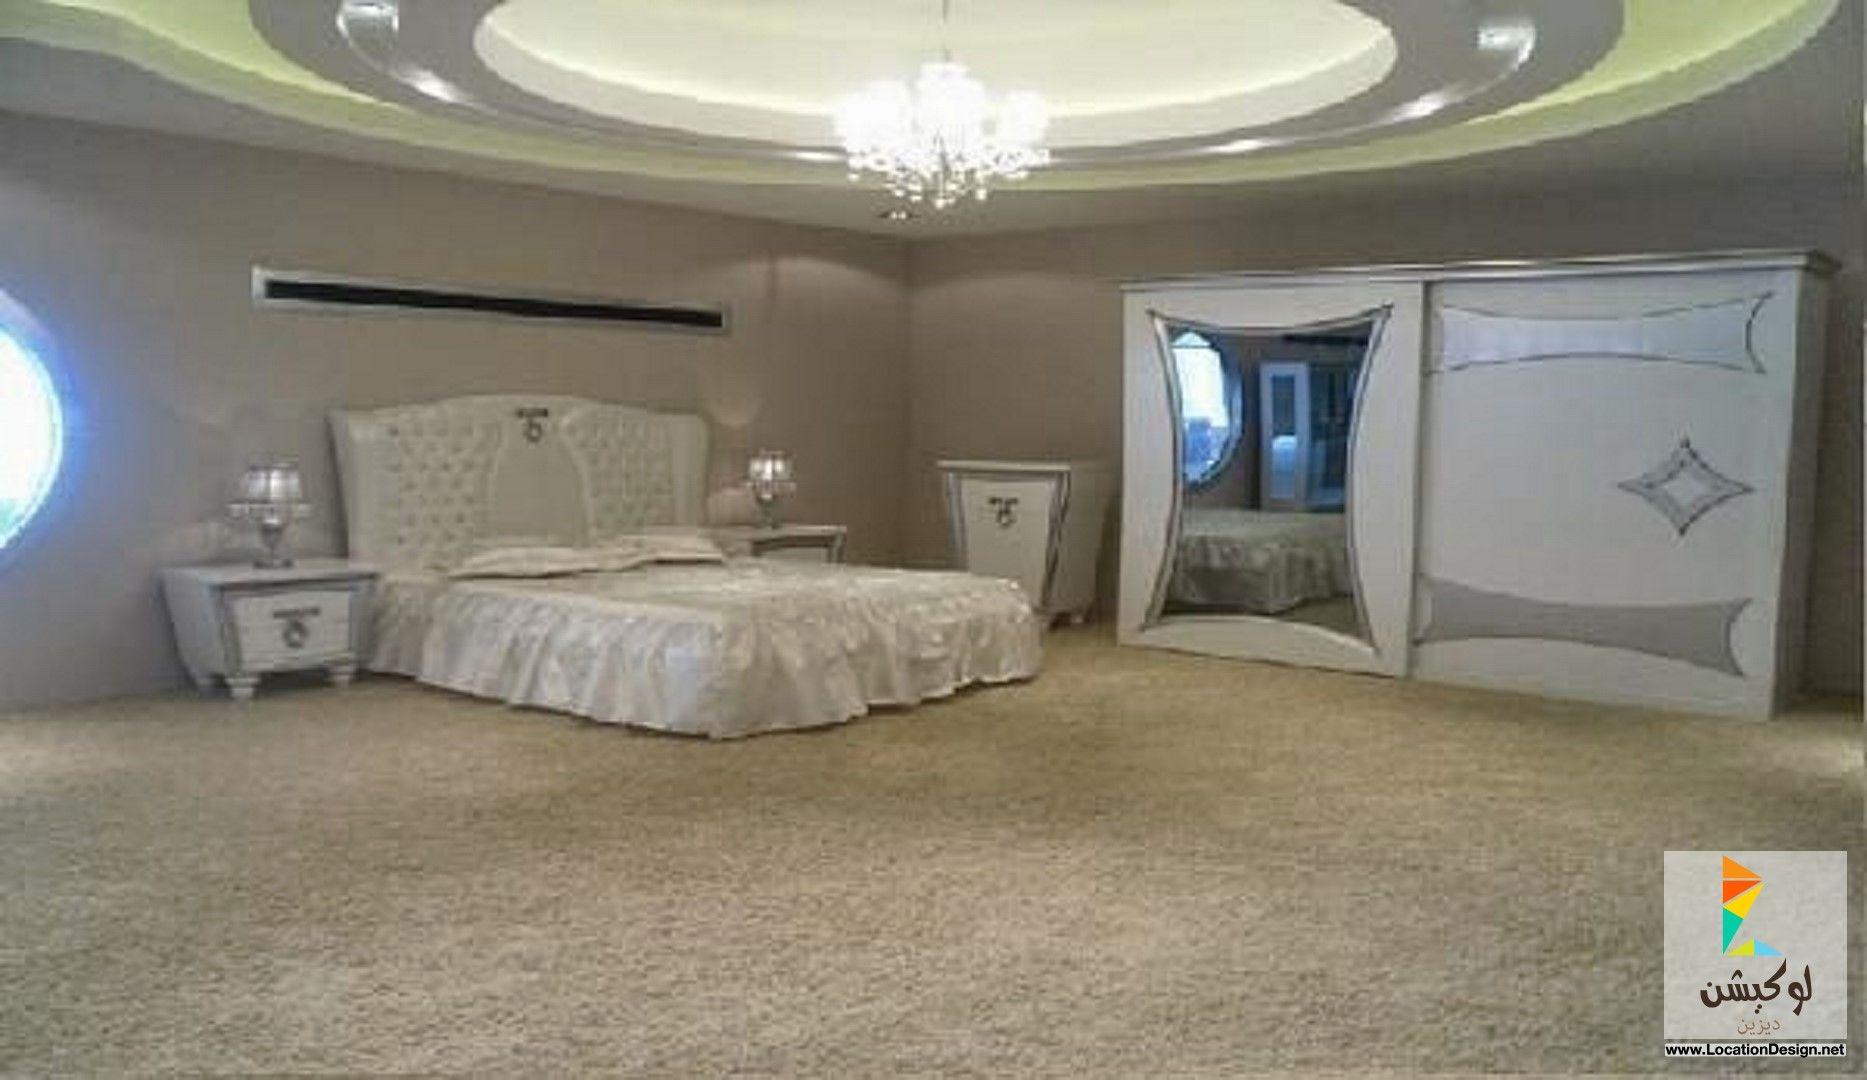 ديكور جبس غرف نوم عرسان ديكورات جبس Home Decor Home